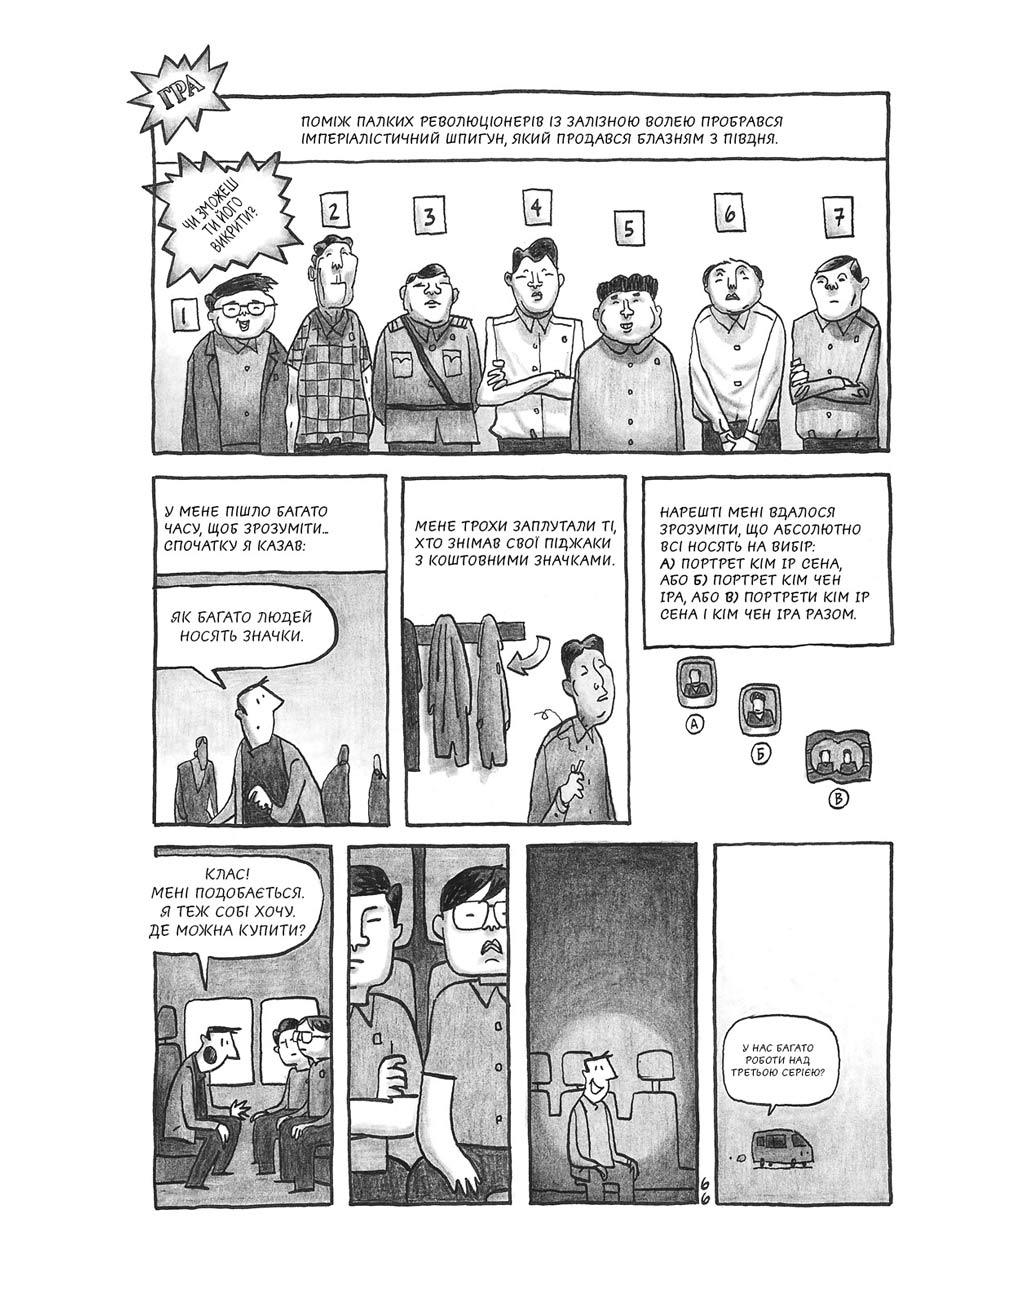 comics review phenjan book72 - <b>Самые интересные комиксы 2020-го.</b> Первый обзор графических новелл на Забороне - Заборона